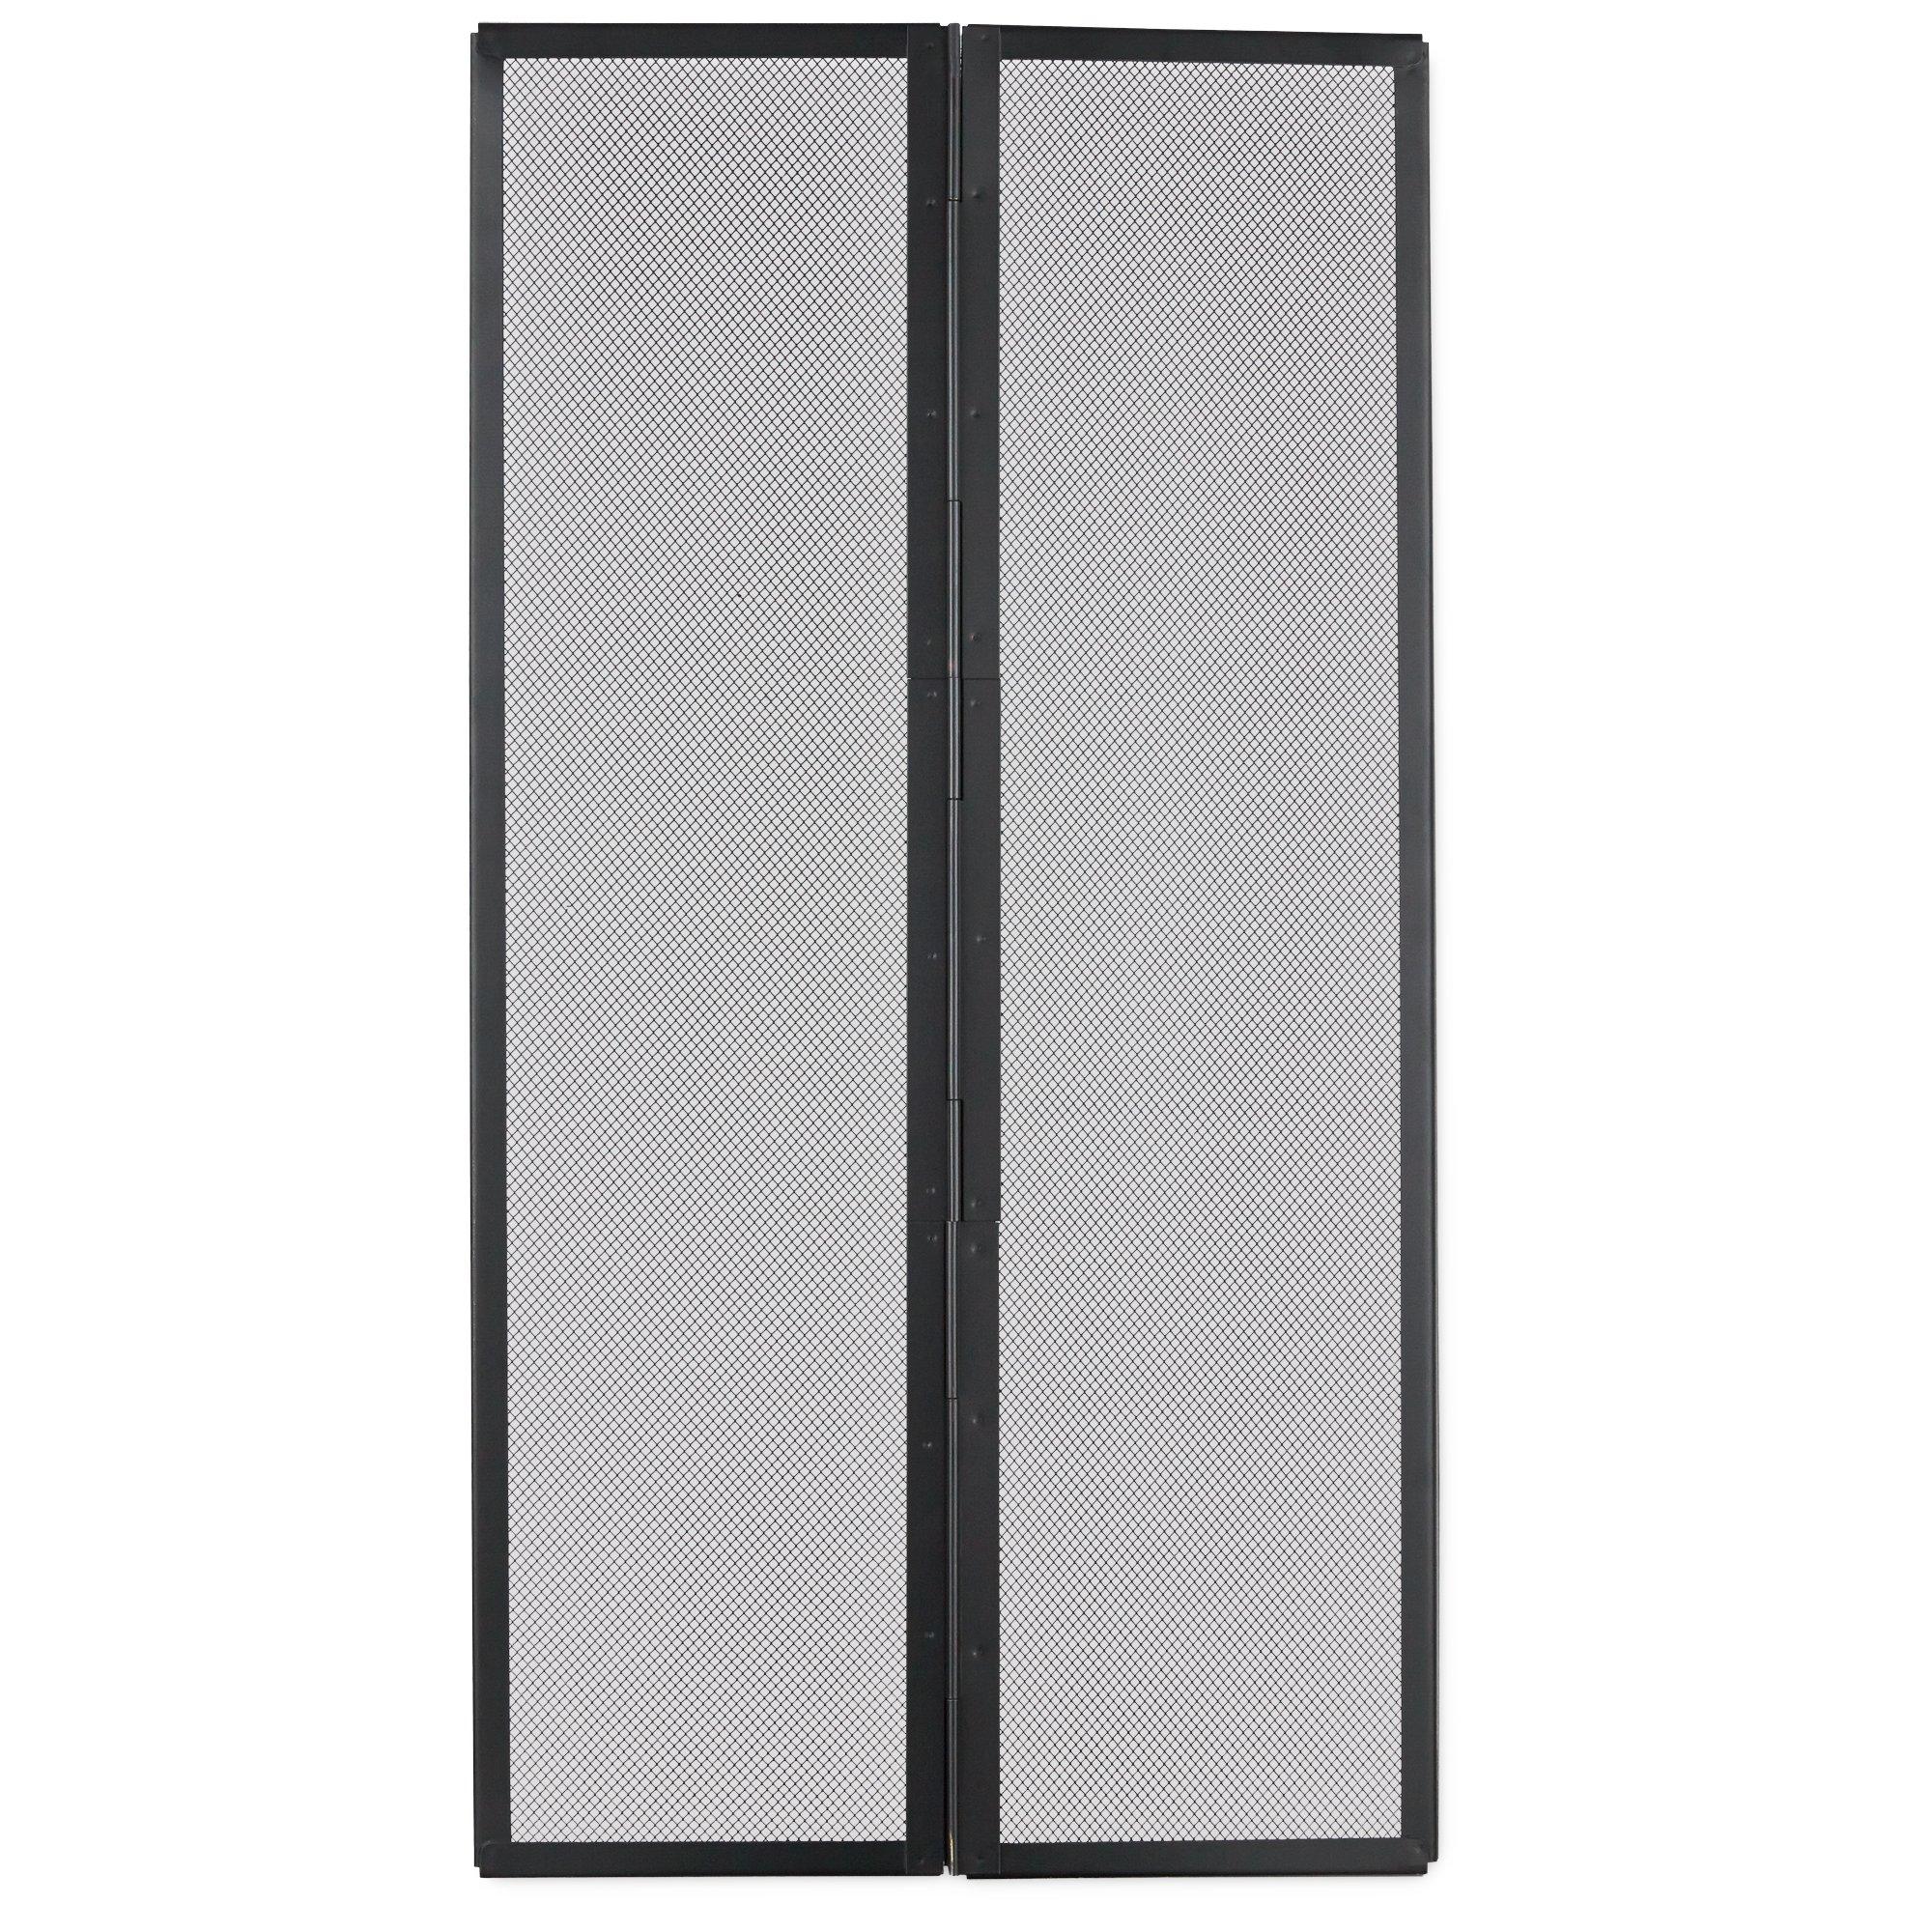 Imagitarium 50-Gallon Terrarium Screen